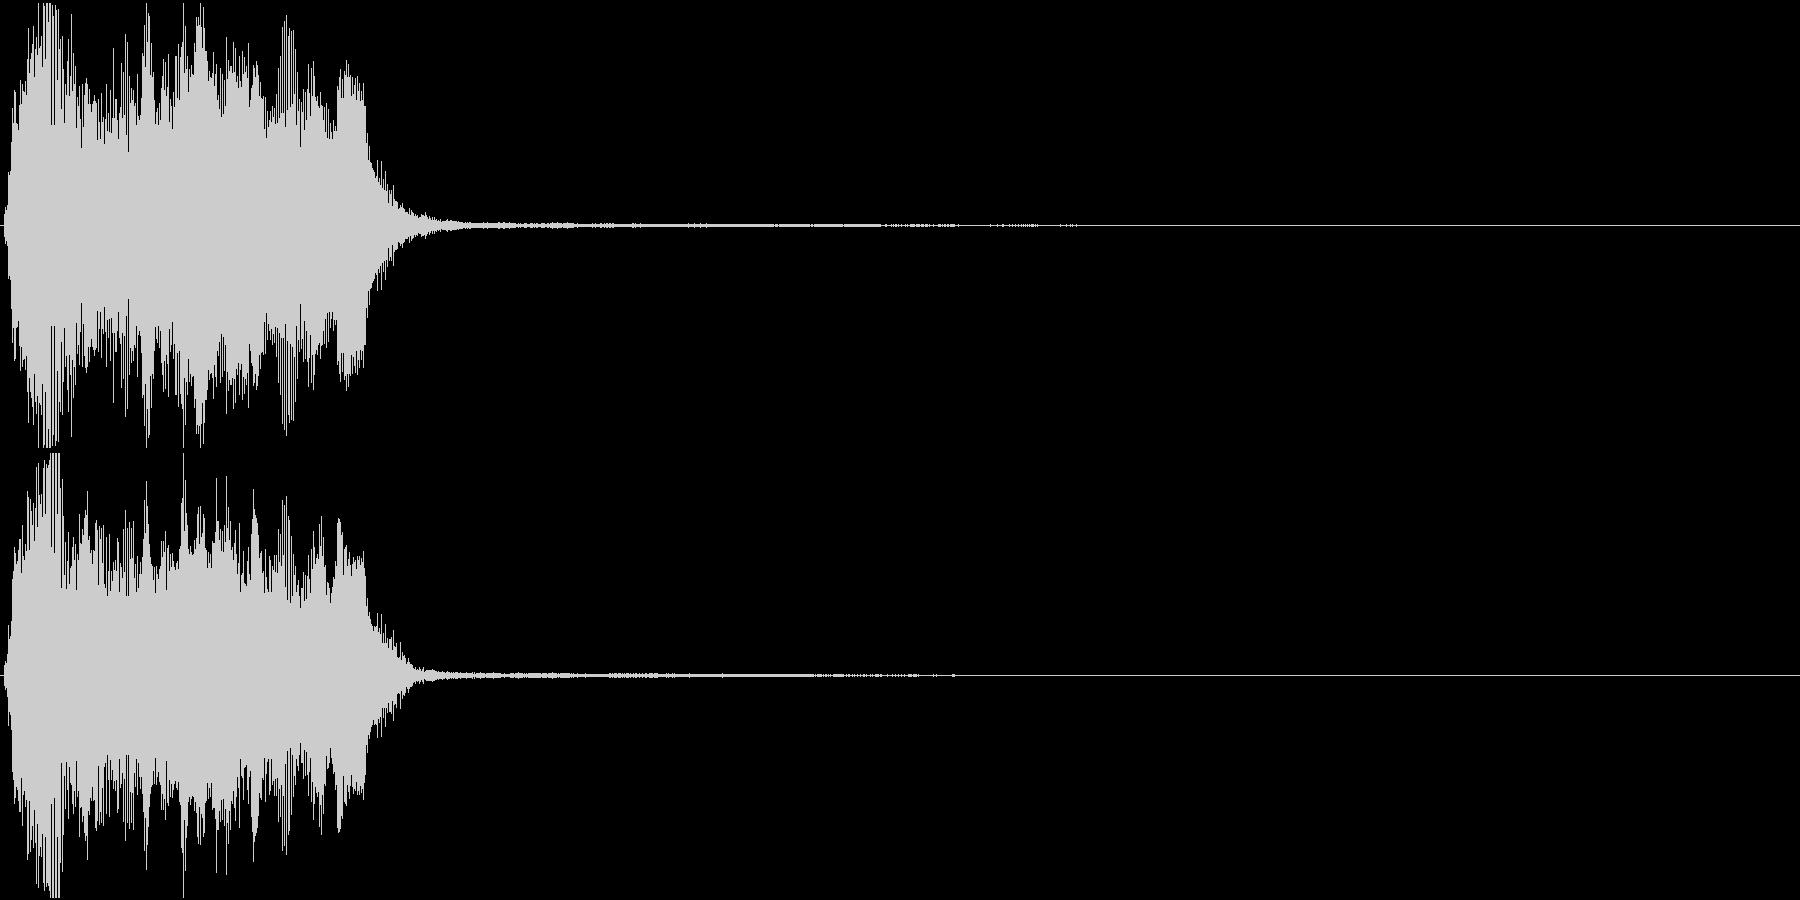 トランペット ファンファーレ 定番 5の未再生の波形